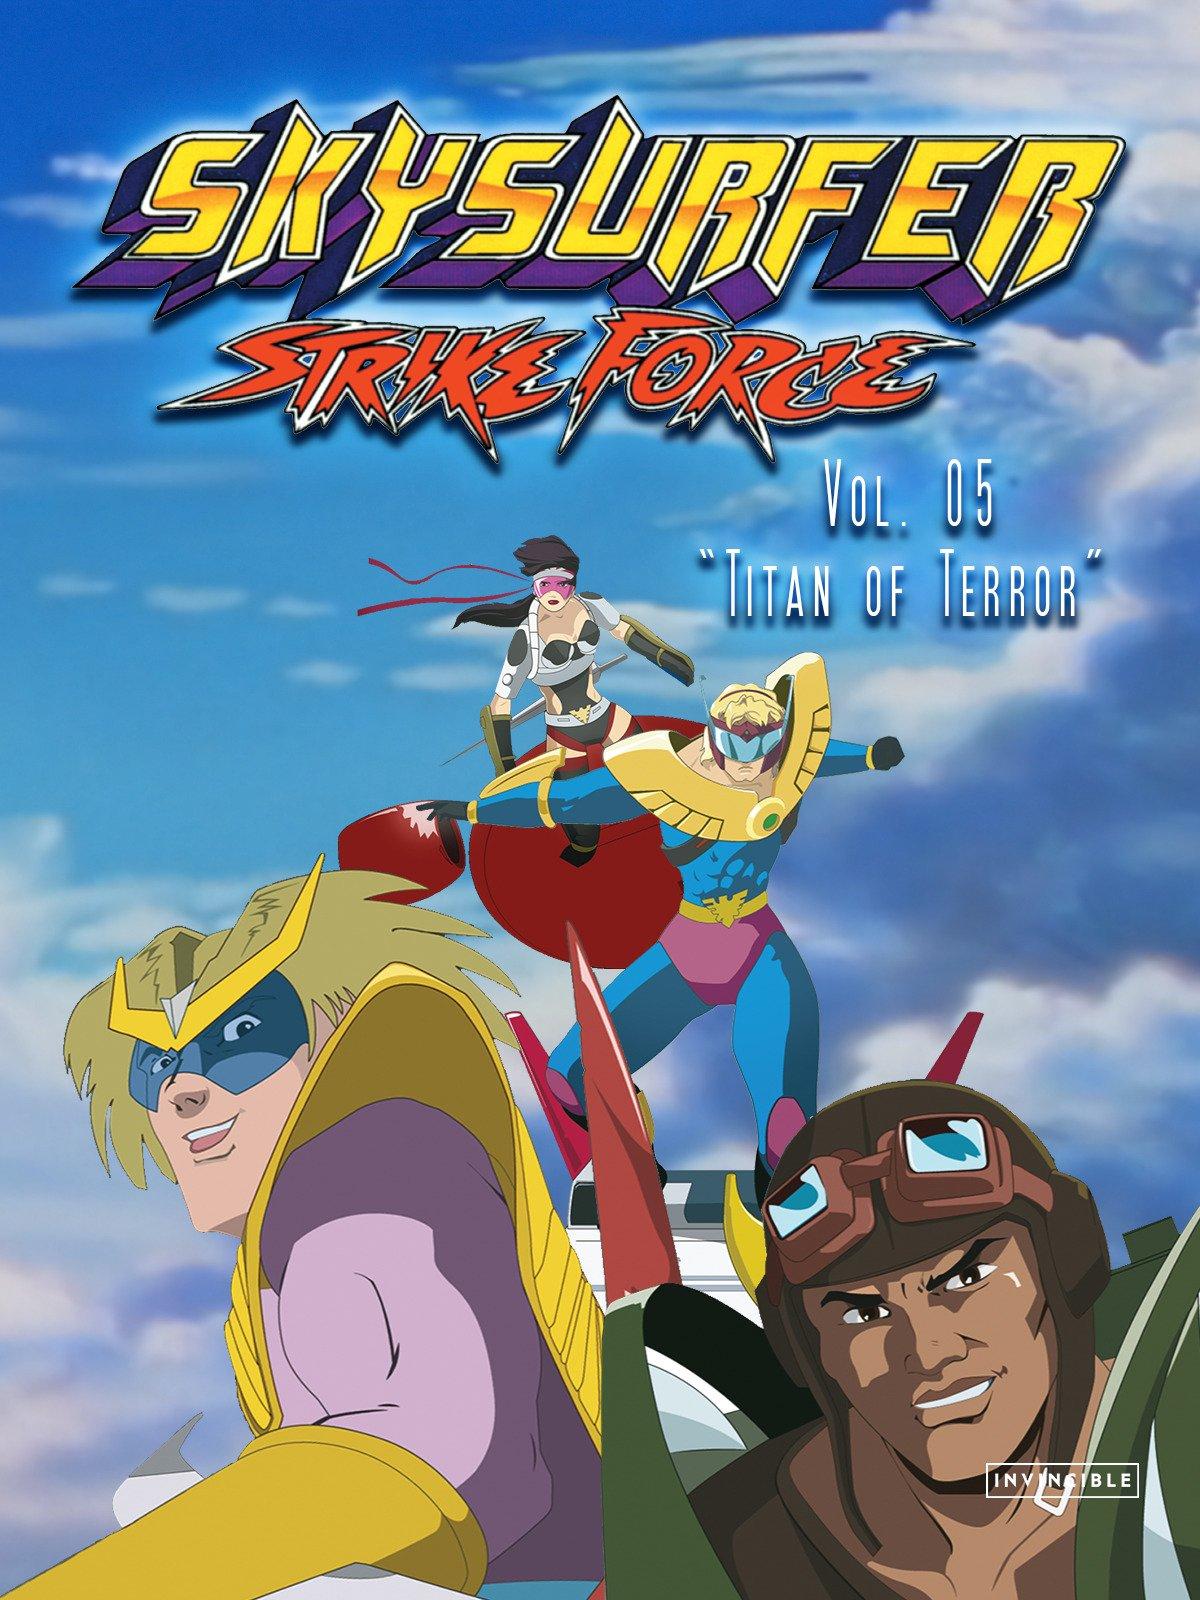 Skysurfer Strike Force Vol. 05Titan of Terror on Amazon Prime Video UK